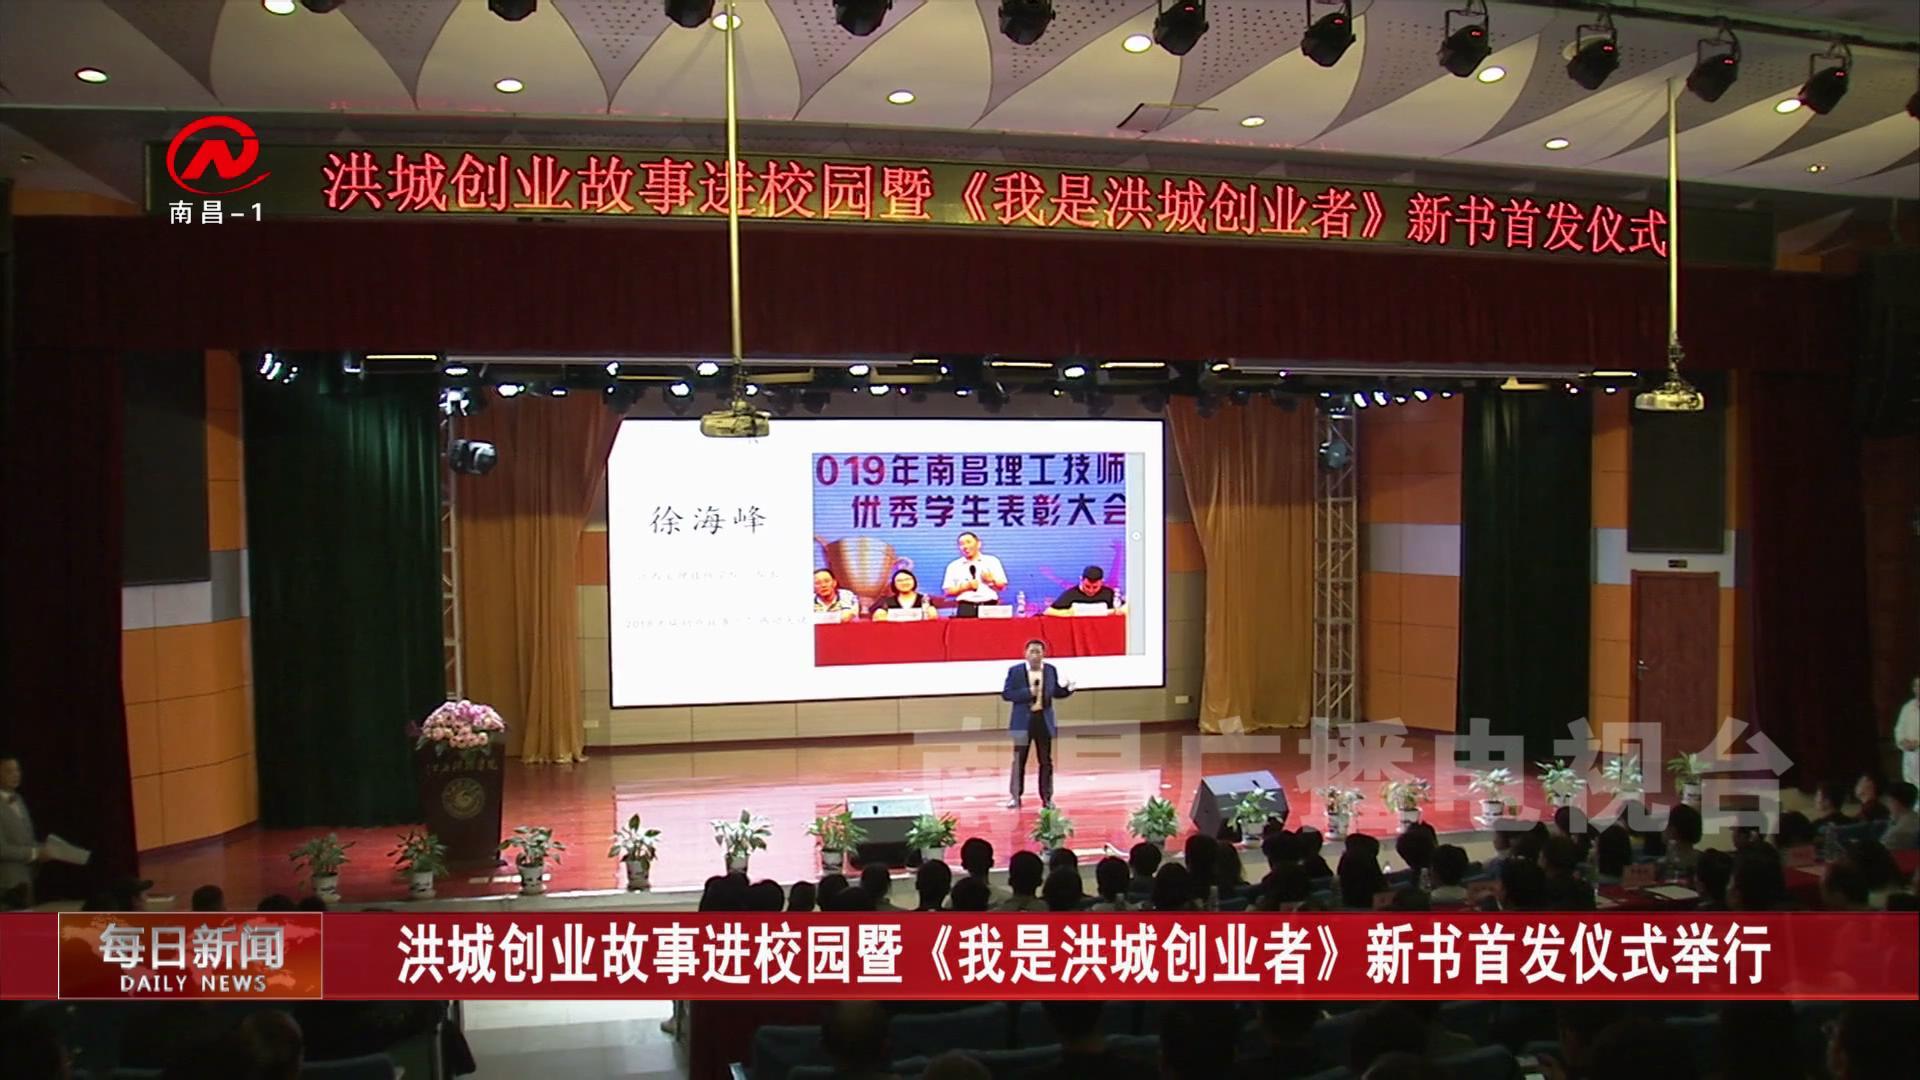 洪城创业故事进校园暨《我是洪城创业者》新书首发仪式举行